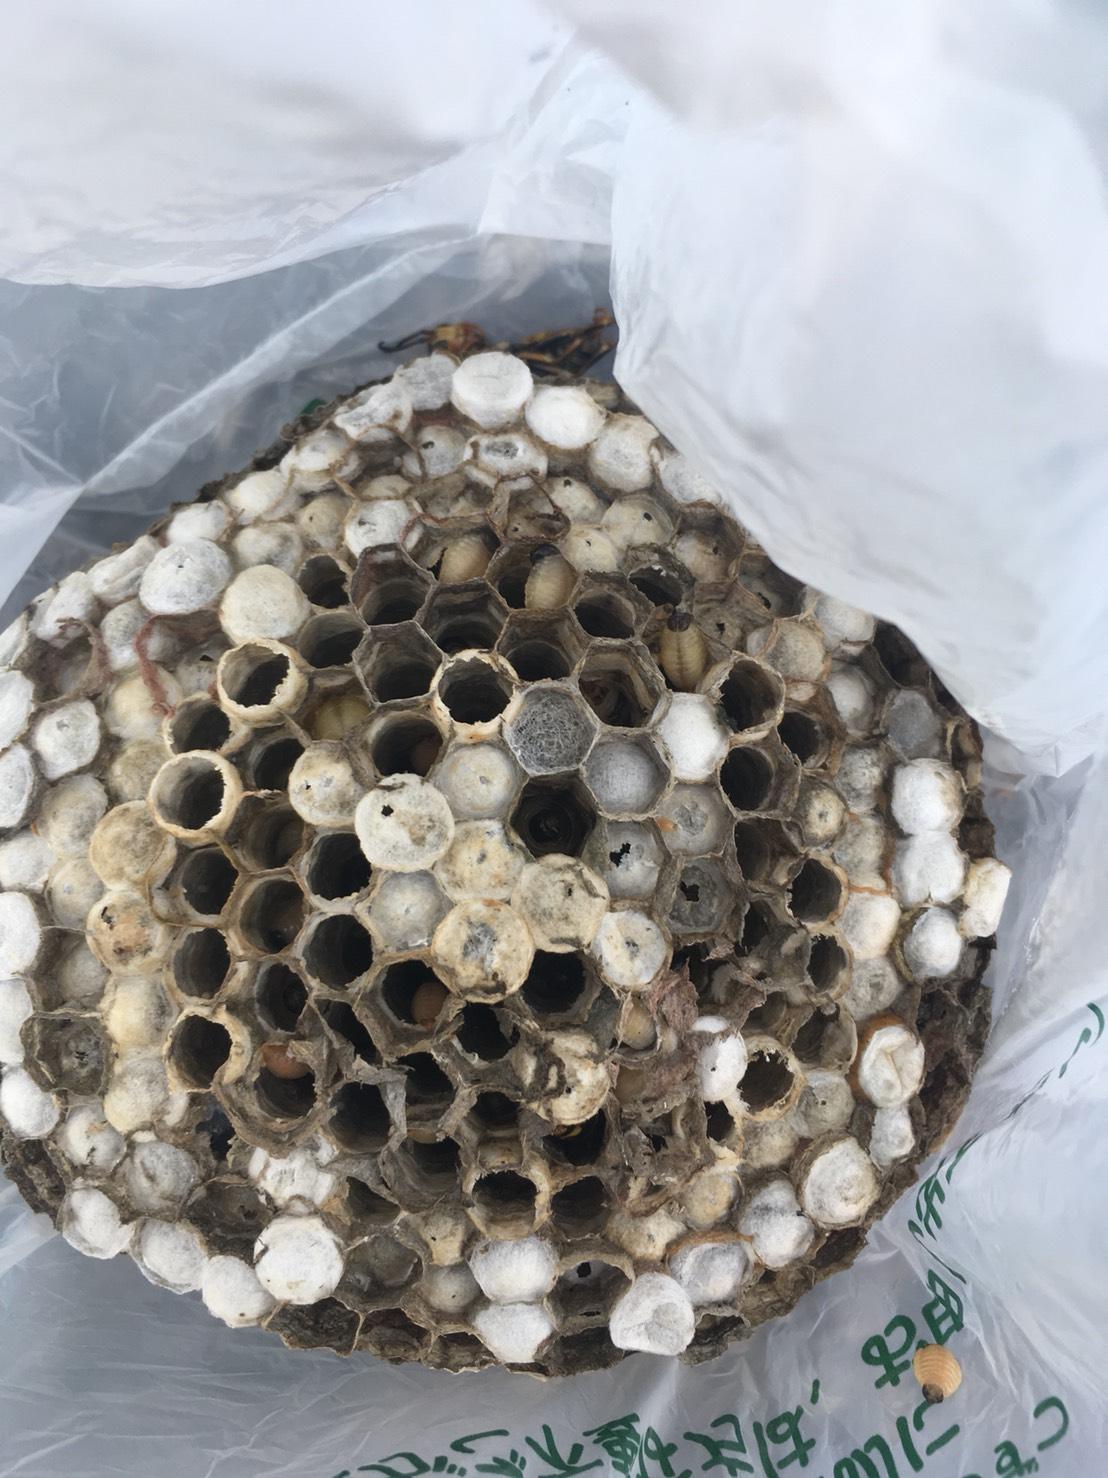 【千葉県柏市増尾】7月31日、アシナガバチの蜂の巣駆除依頼がありました【場所:ベランダ下】